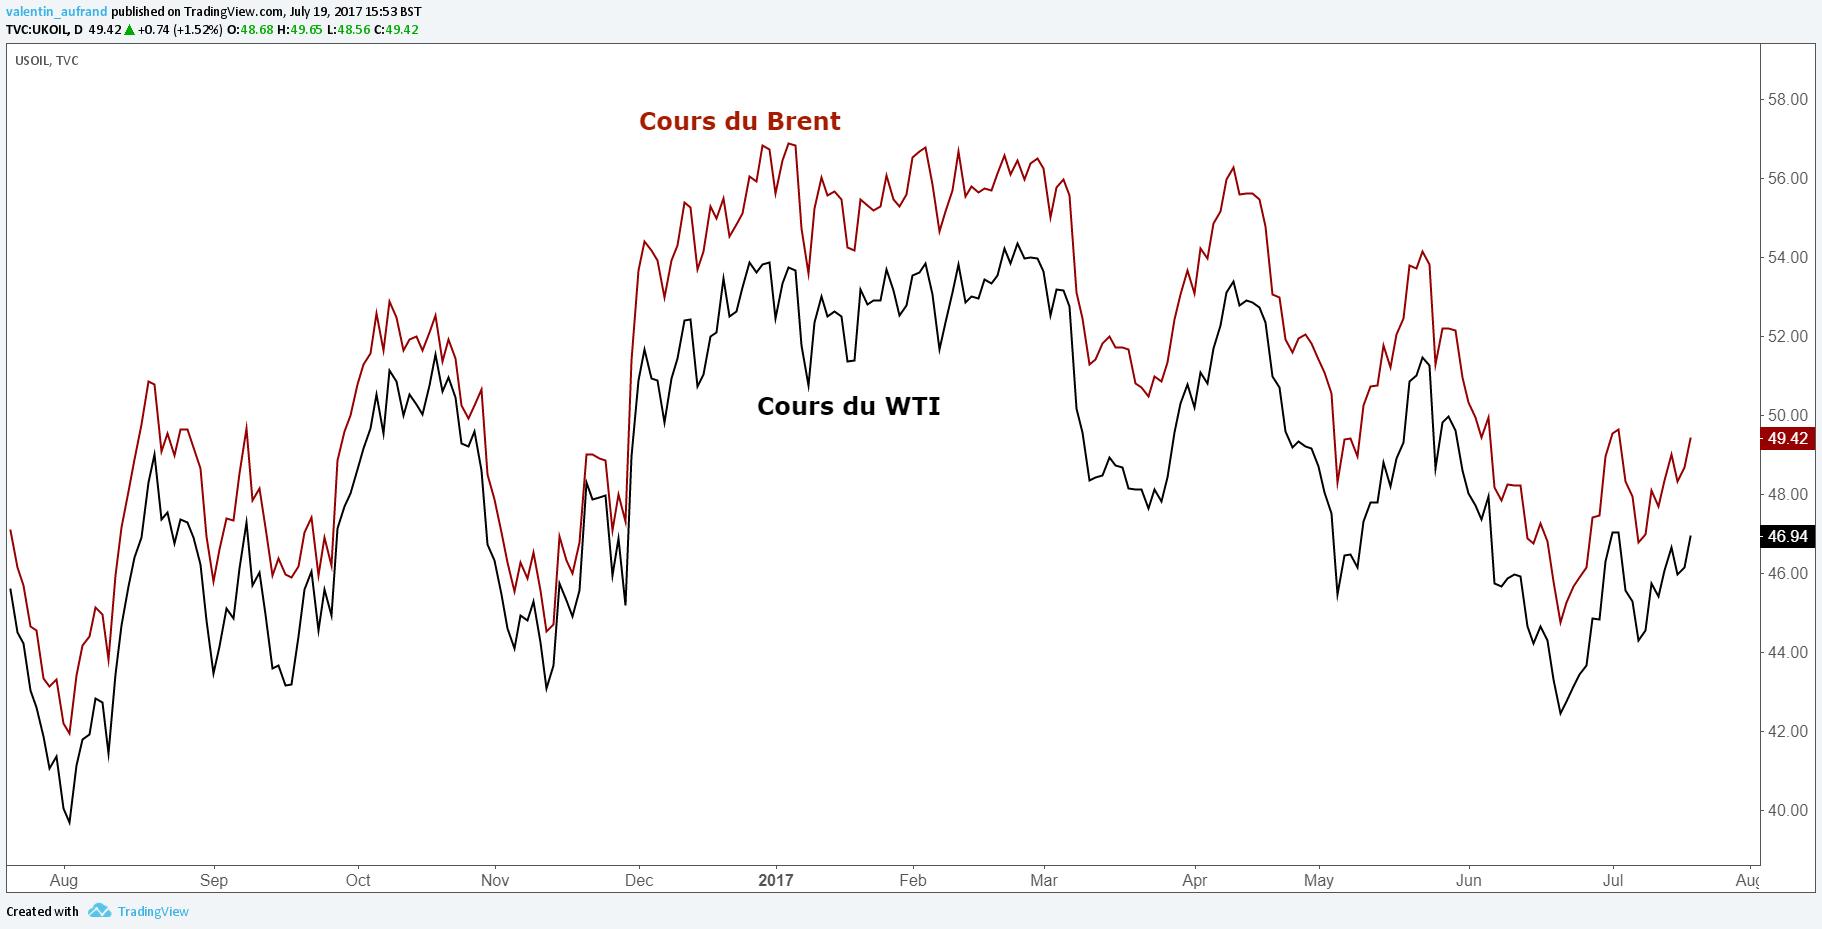 Les prix se replient en fin d'échanges européens - indicateurs décevants Londres: Les prix du pétrole accentuaient leur repli vendredi en fin d'échanges européens, pénalisés par des indicateurs en Europe et en Chine confirmant le ralentissement de l'économie mondiale, et pâtissant de prises de bénéfices après le fort rebond enregistré les jours précédents.